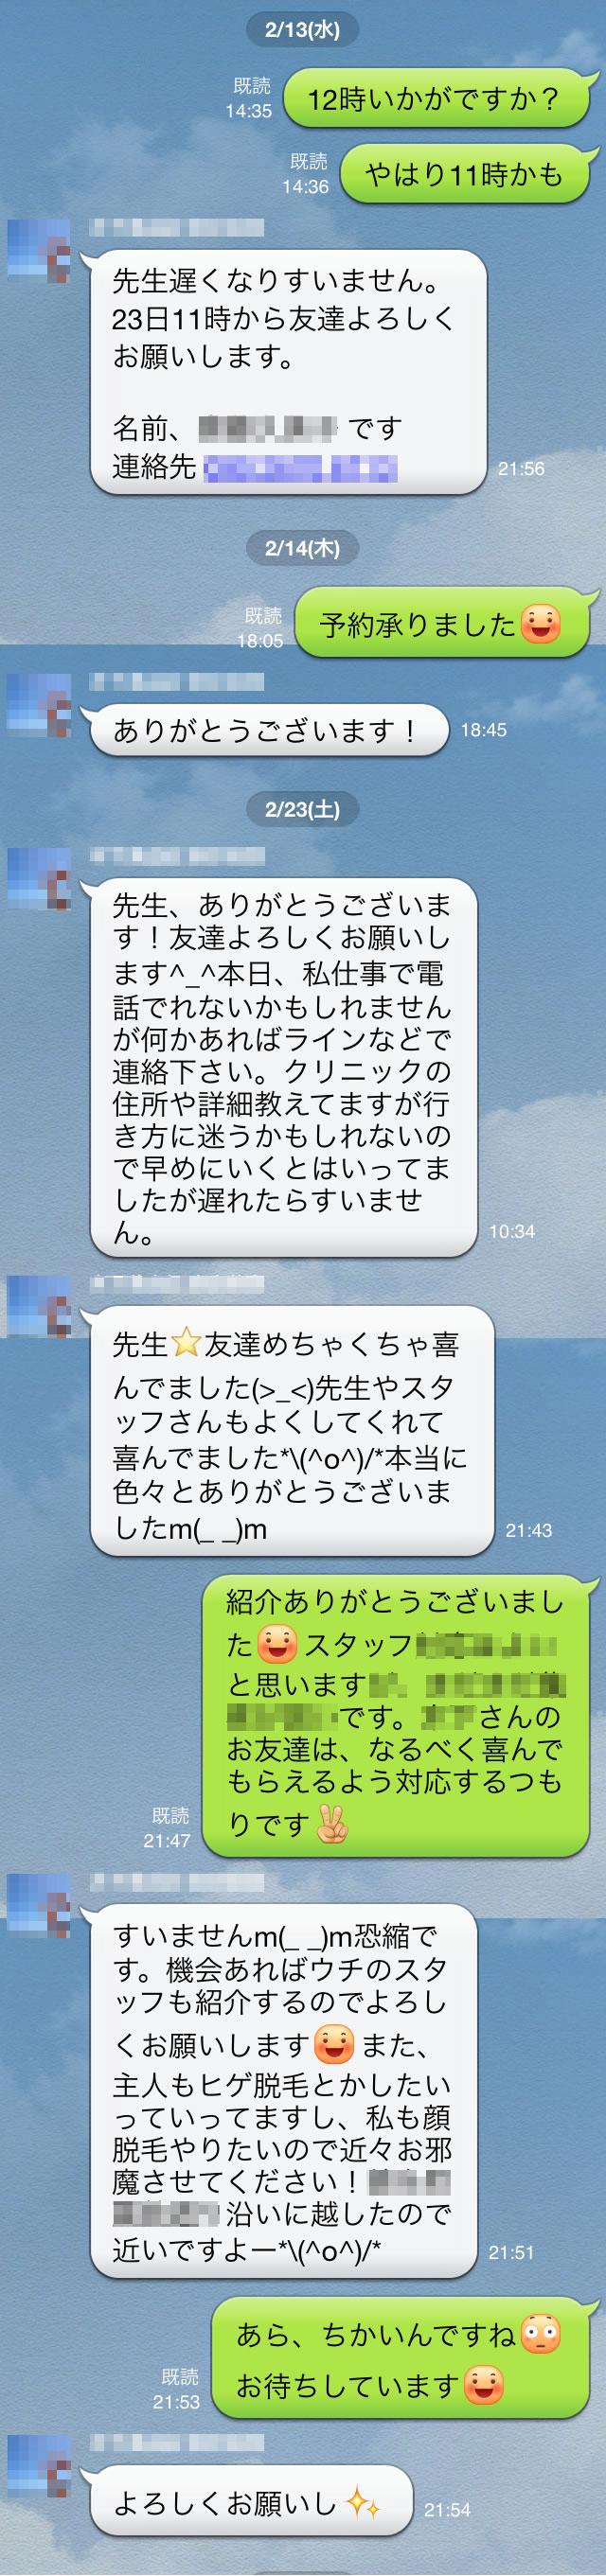 1. 脱毛(ボディ) 墨田区 20才女性 M.I様のご友人様